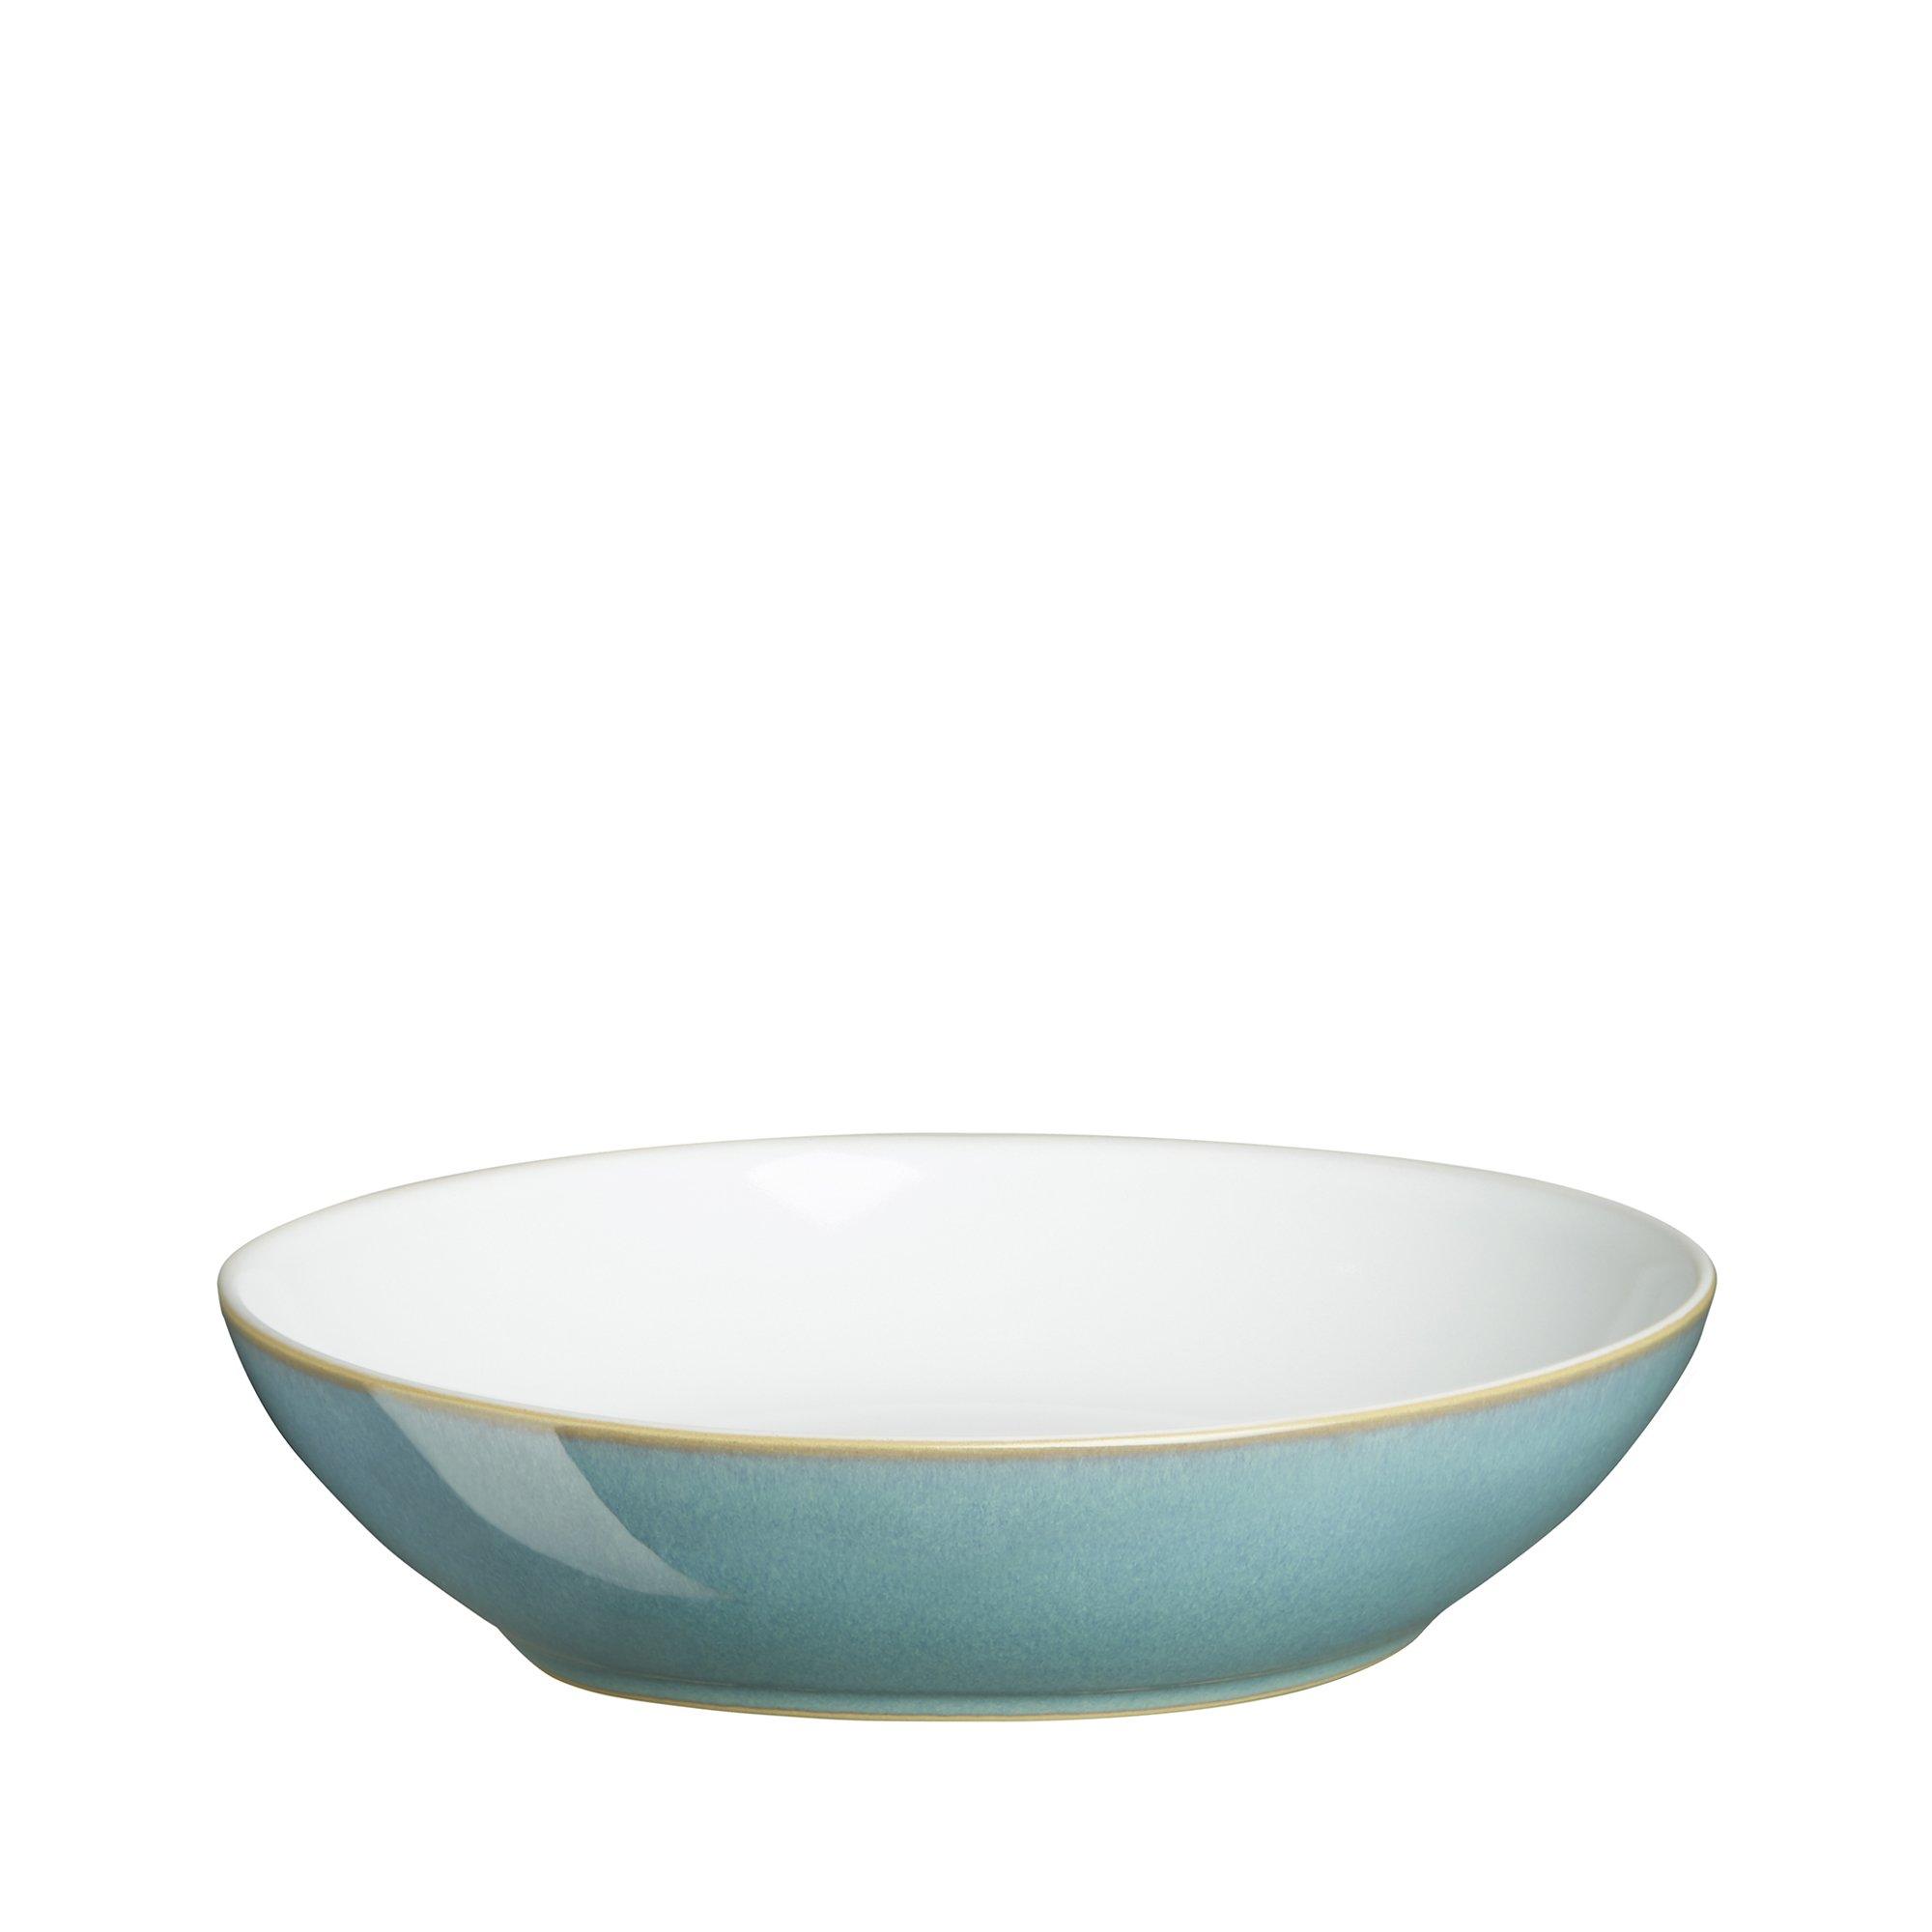 Denby Azure Pasta Bowl by Denby (Image #1)